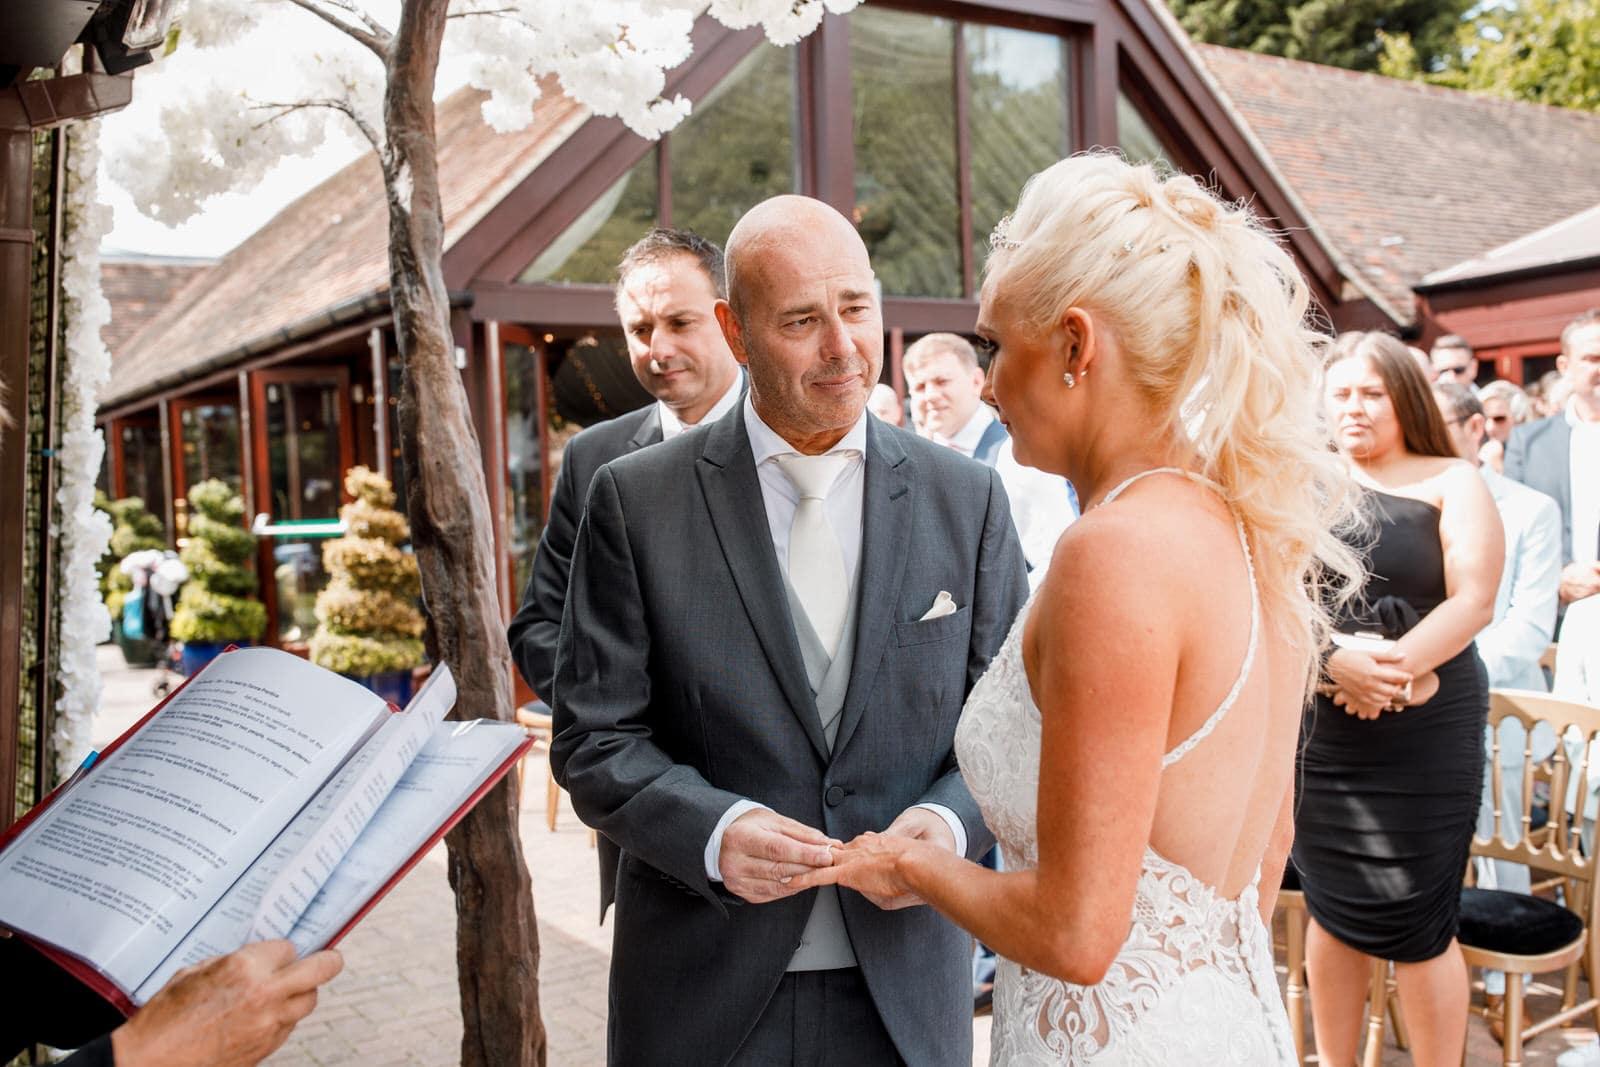 exchanging of rings at wedding